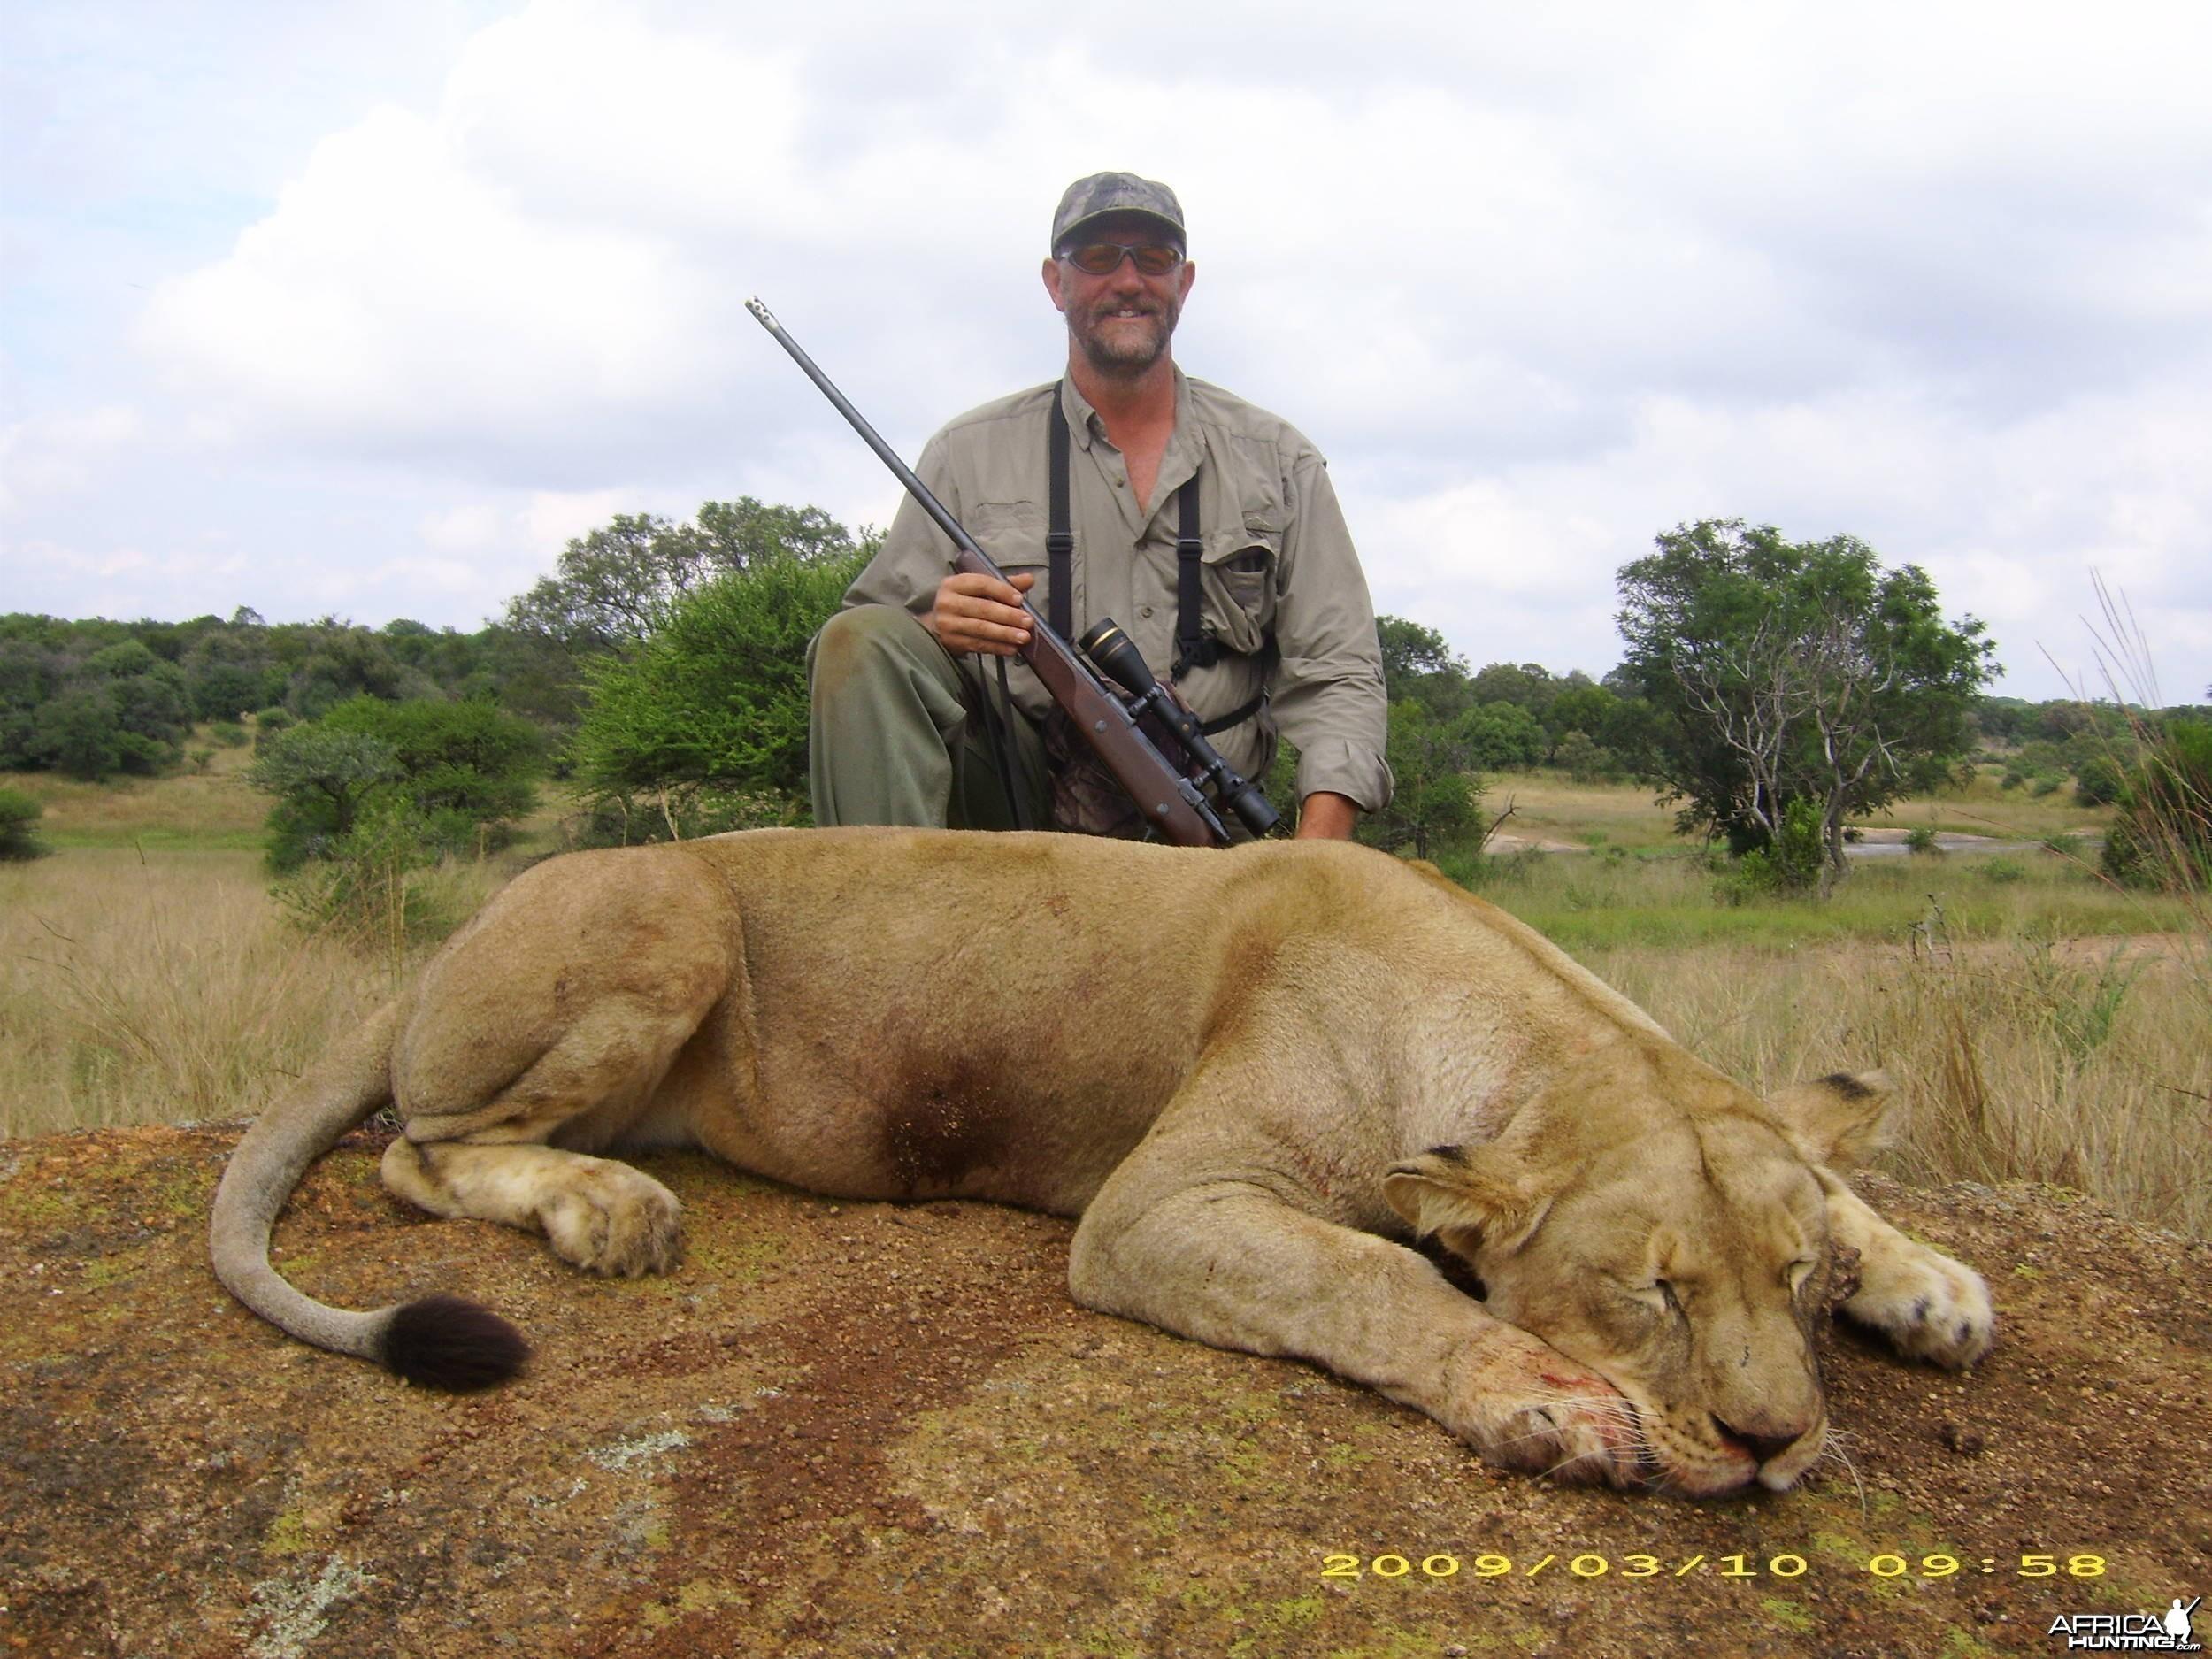 Lioness Inyala Safaris